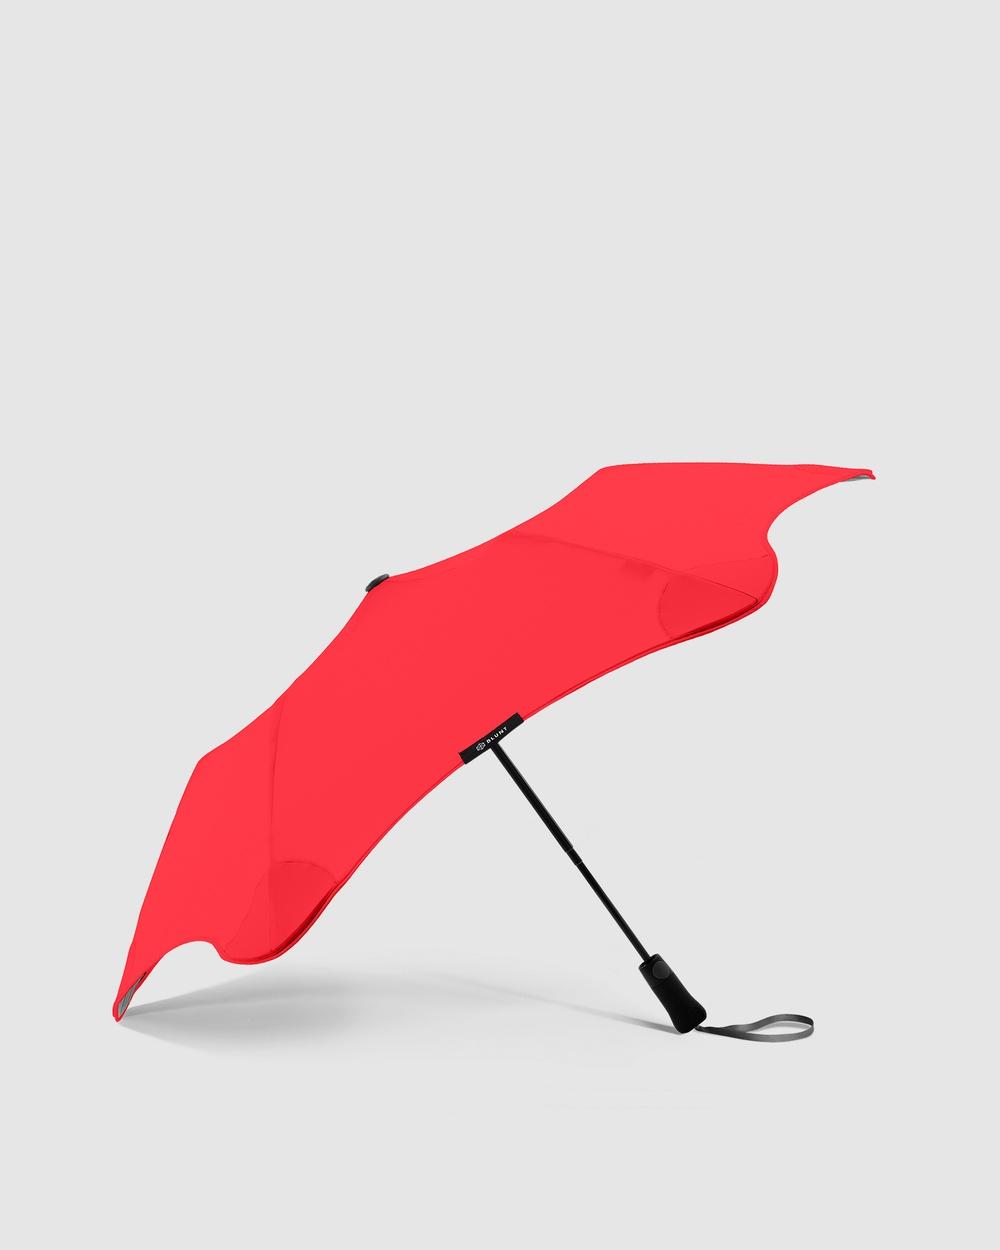 BLUNT Umbrellas Blunt Metro Umbrella Accessories Red